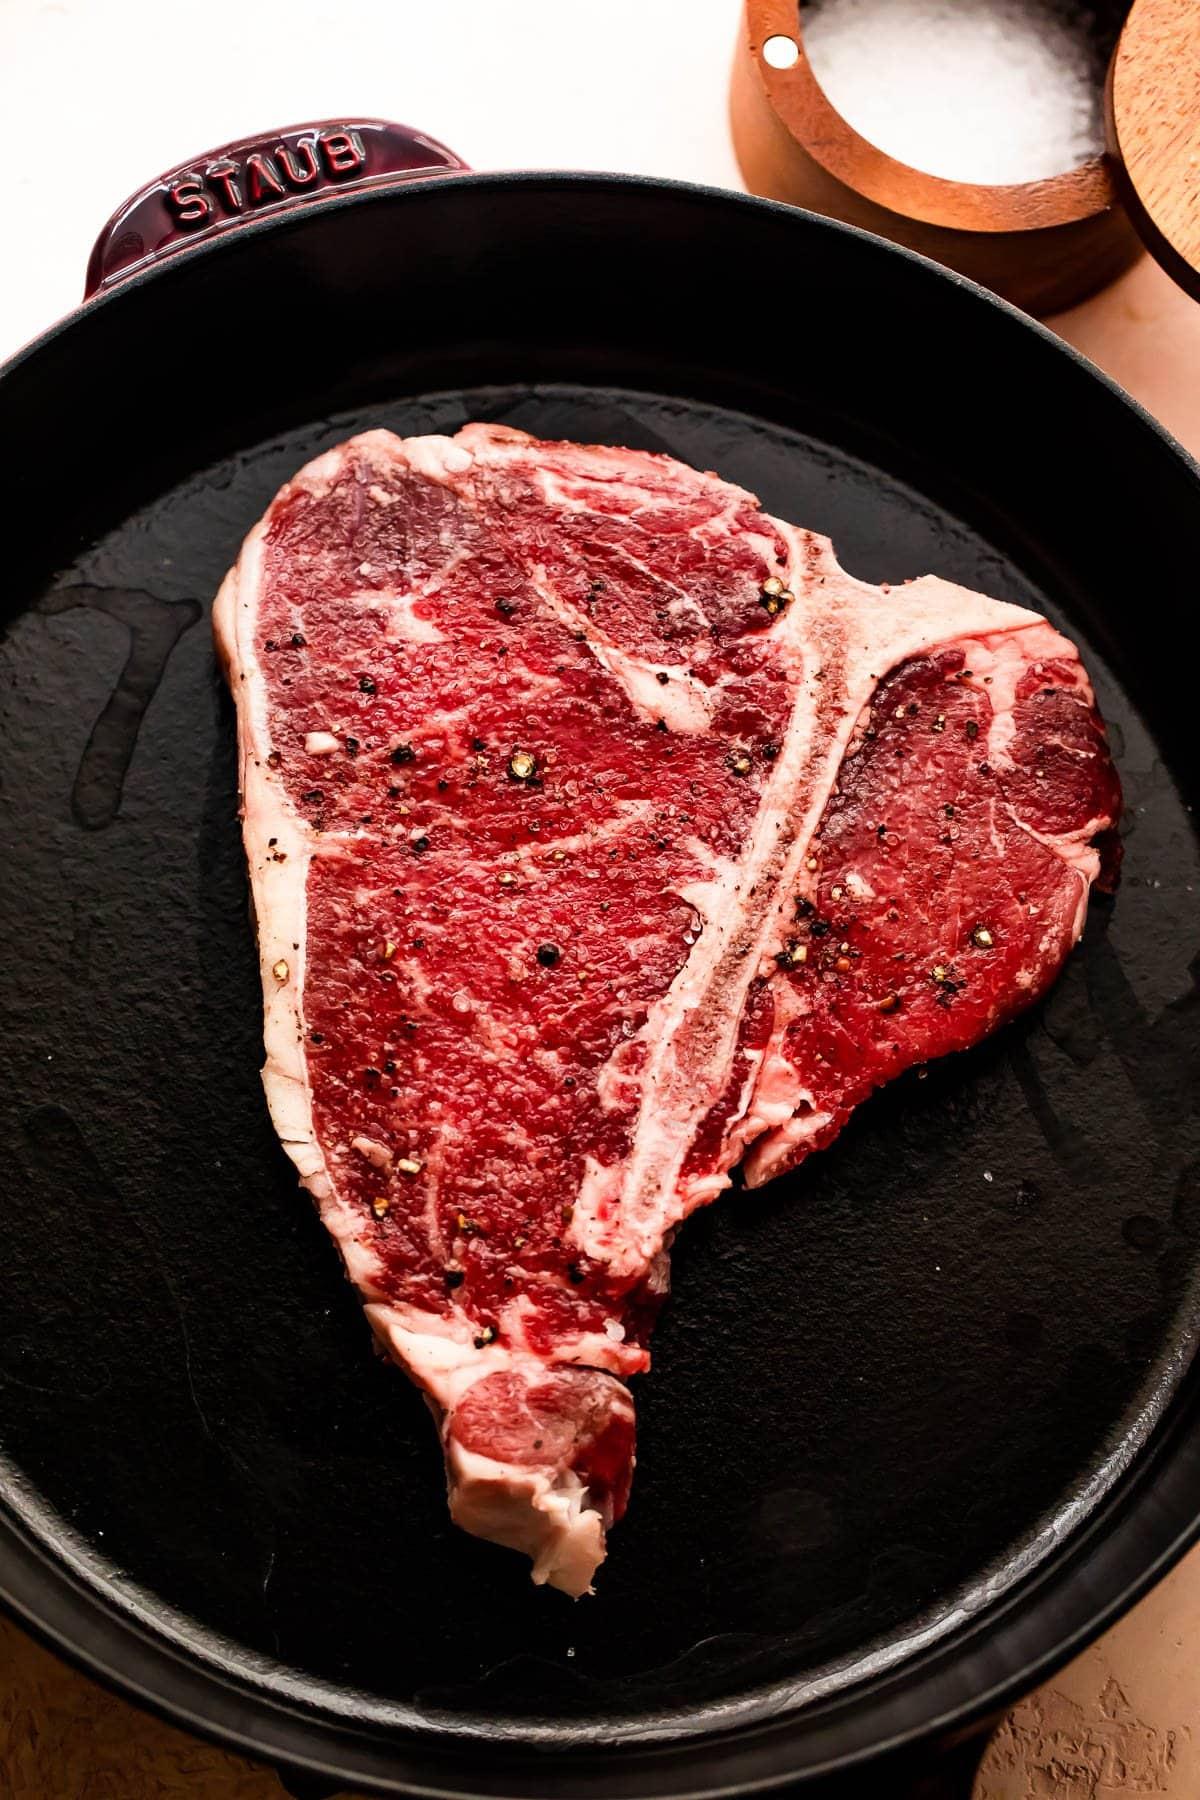 raw t-bone steak in a skillet